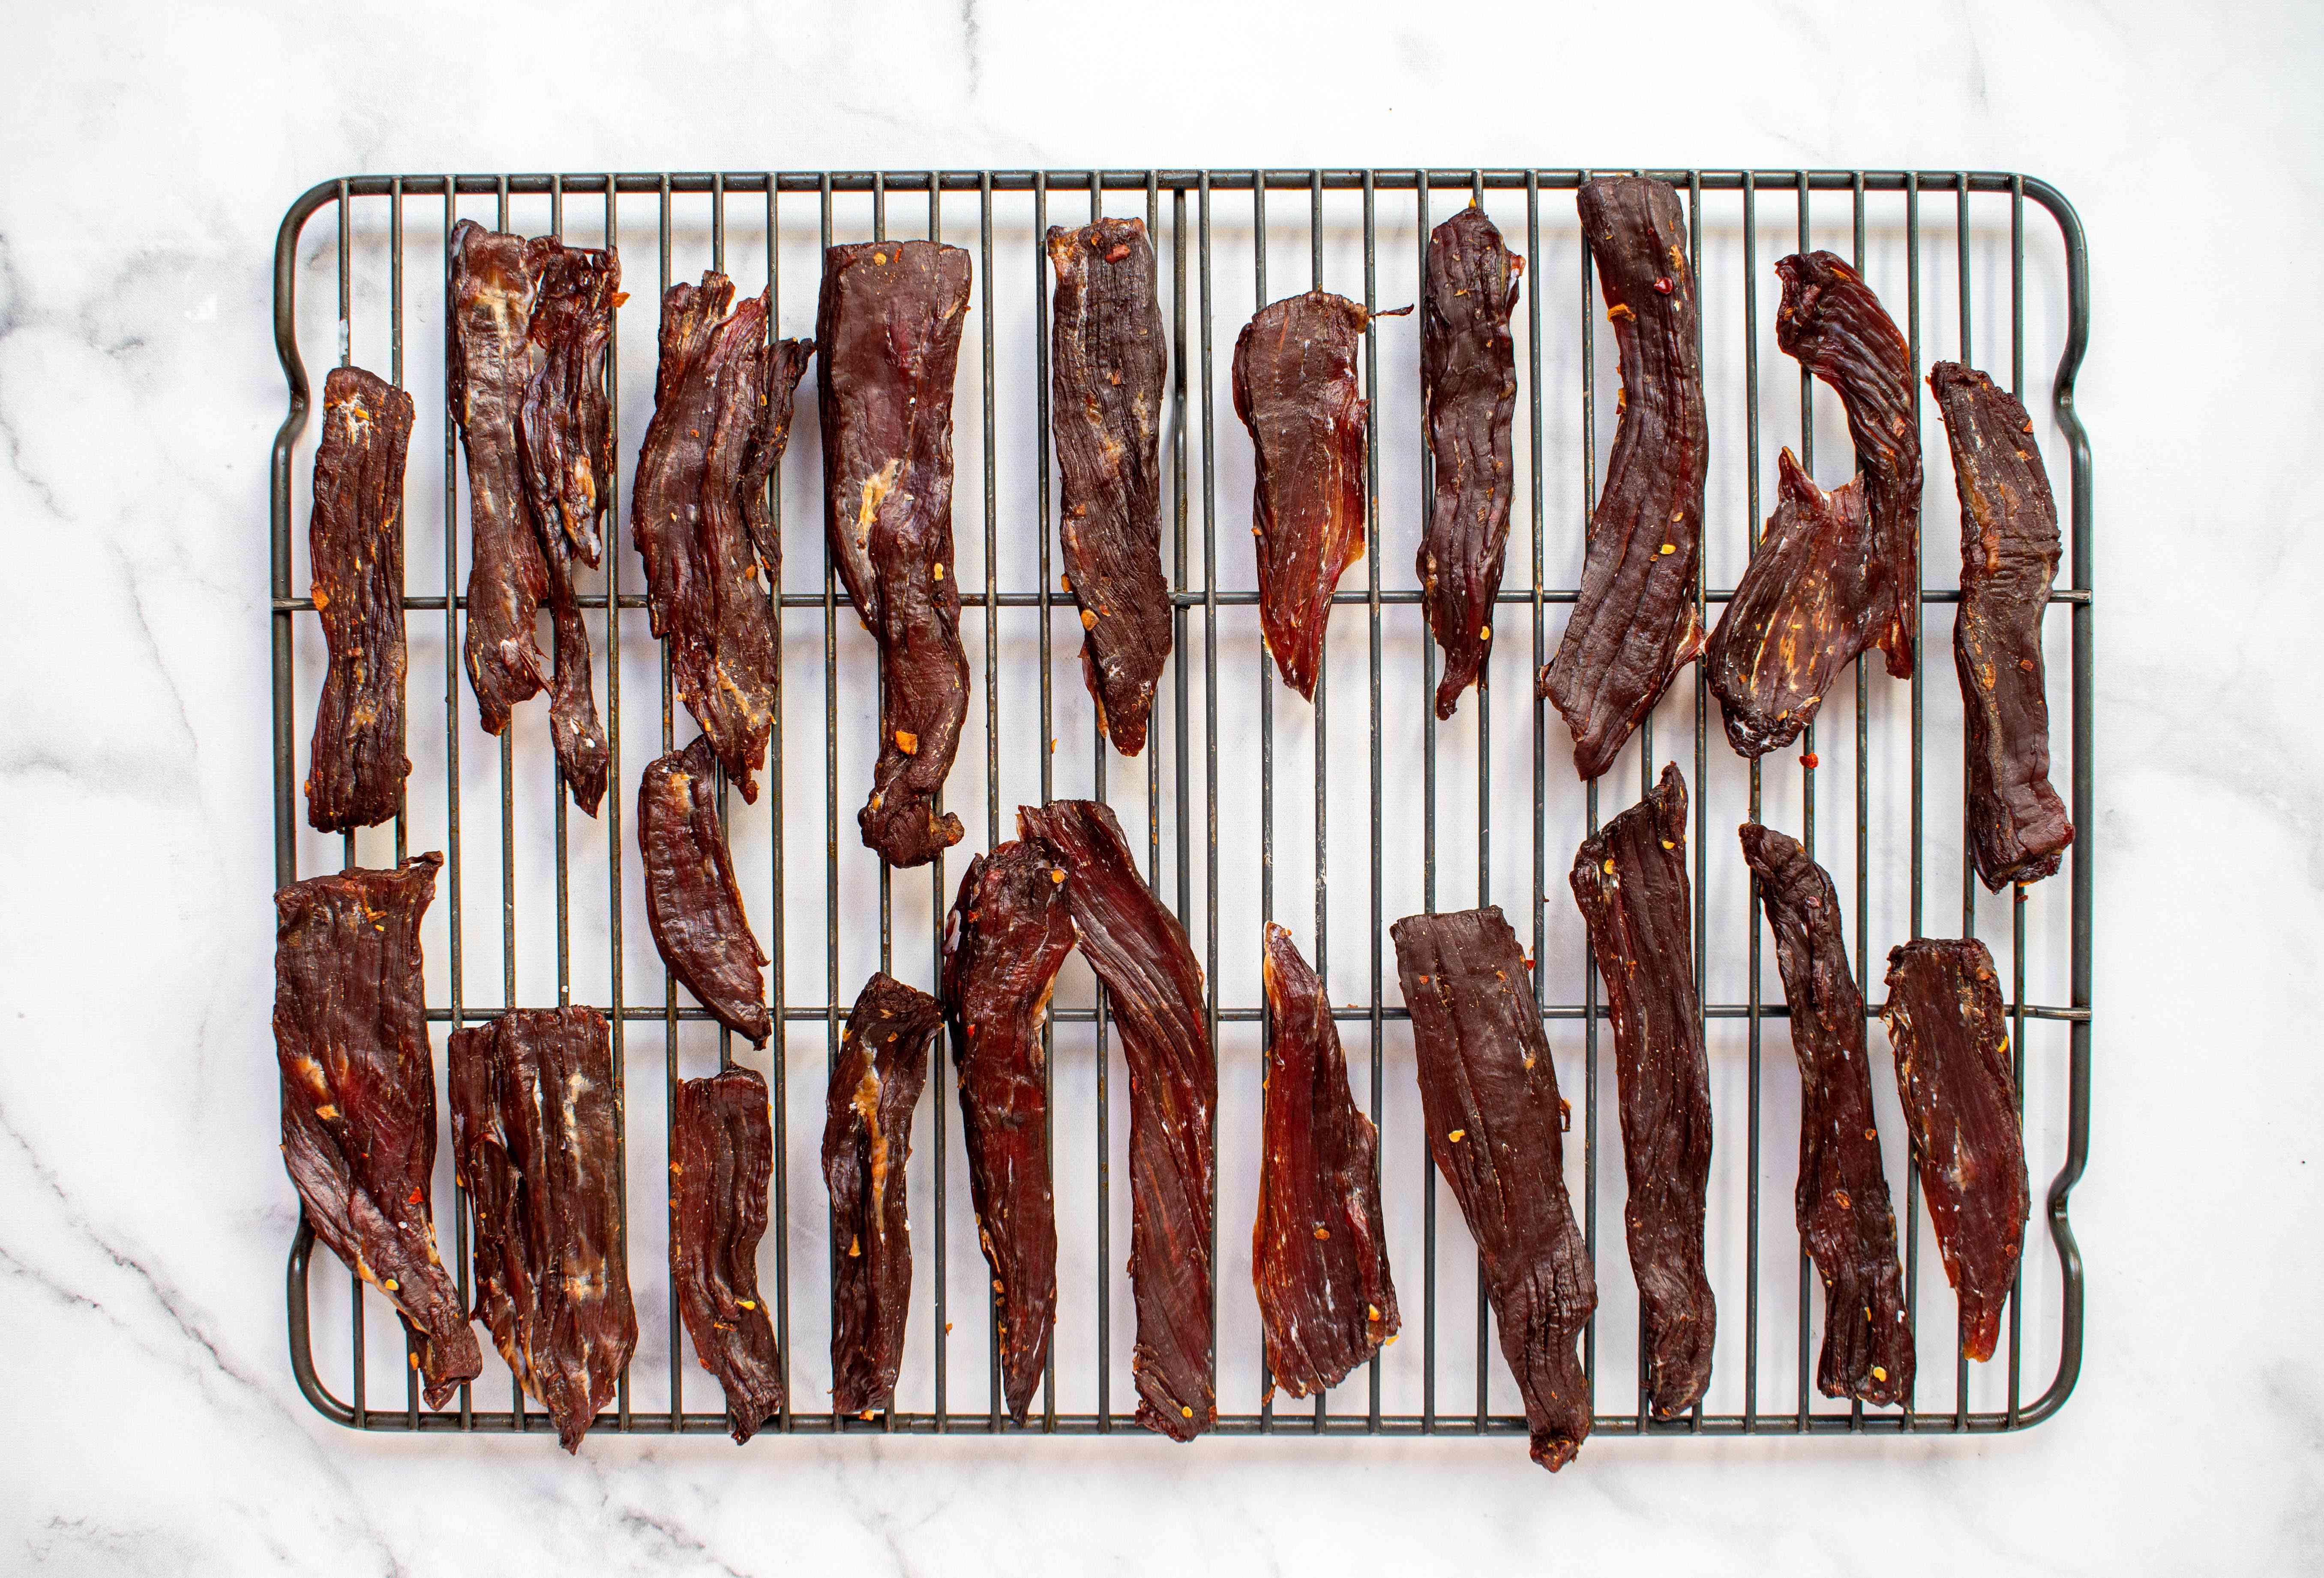 Hawaiian-Style Beef Jerky Recipe (Pipi Kaula) Recipe on a metal rack